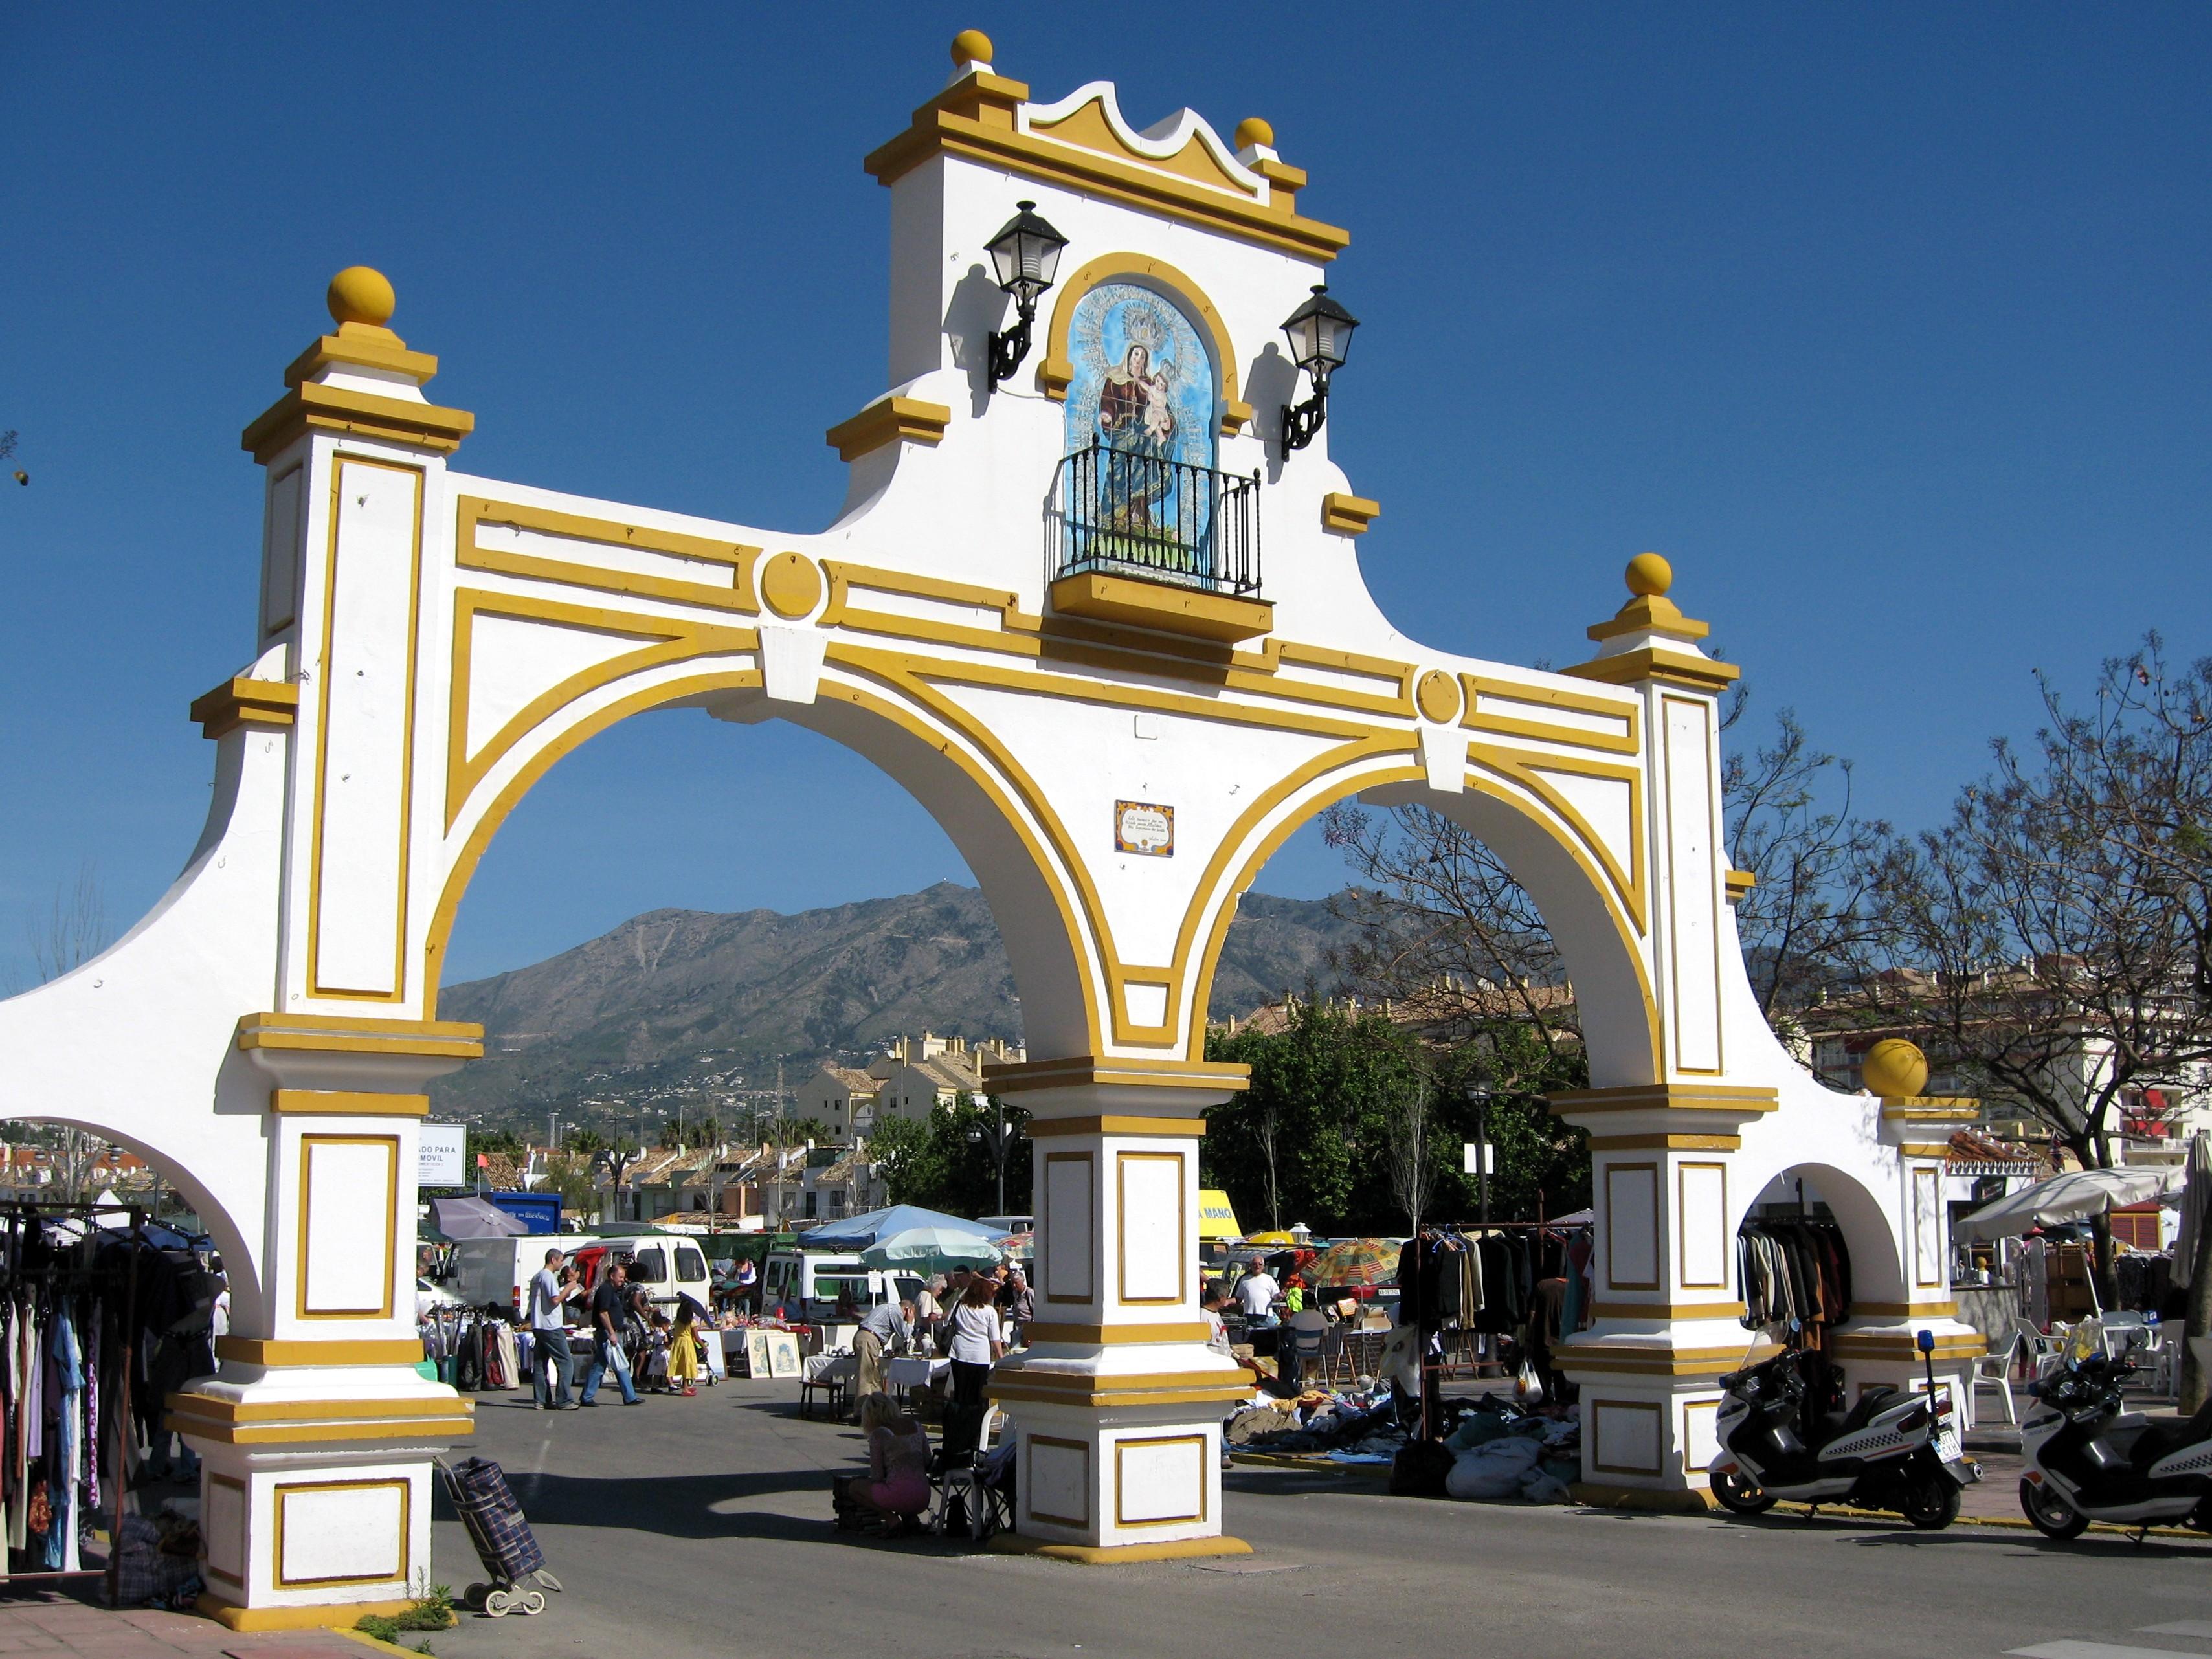 malaga markt